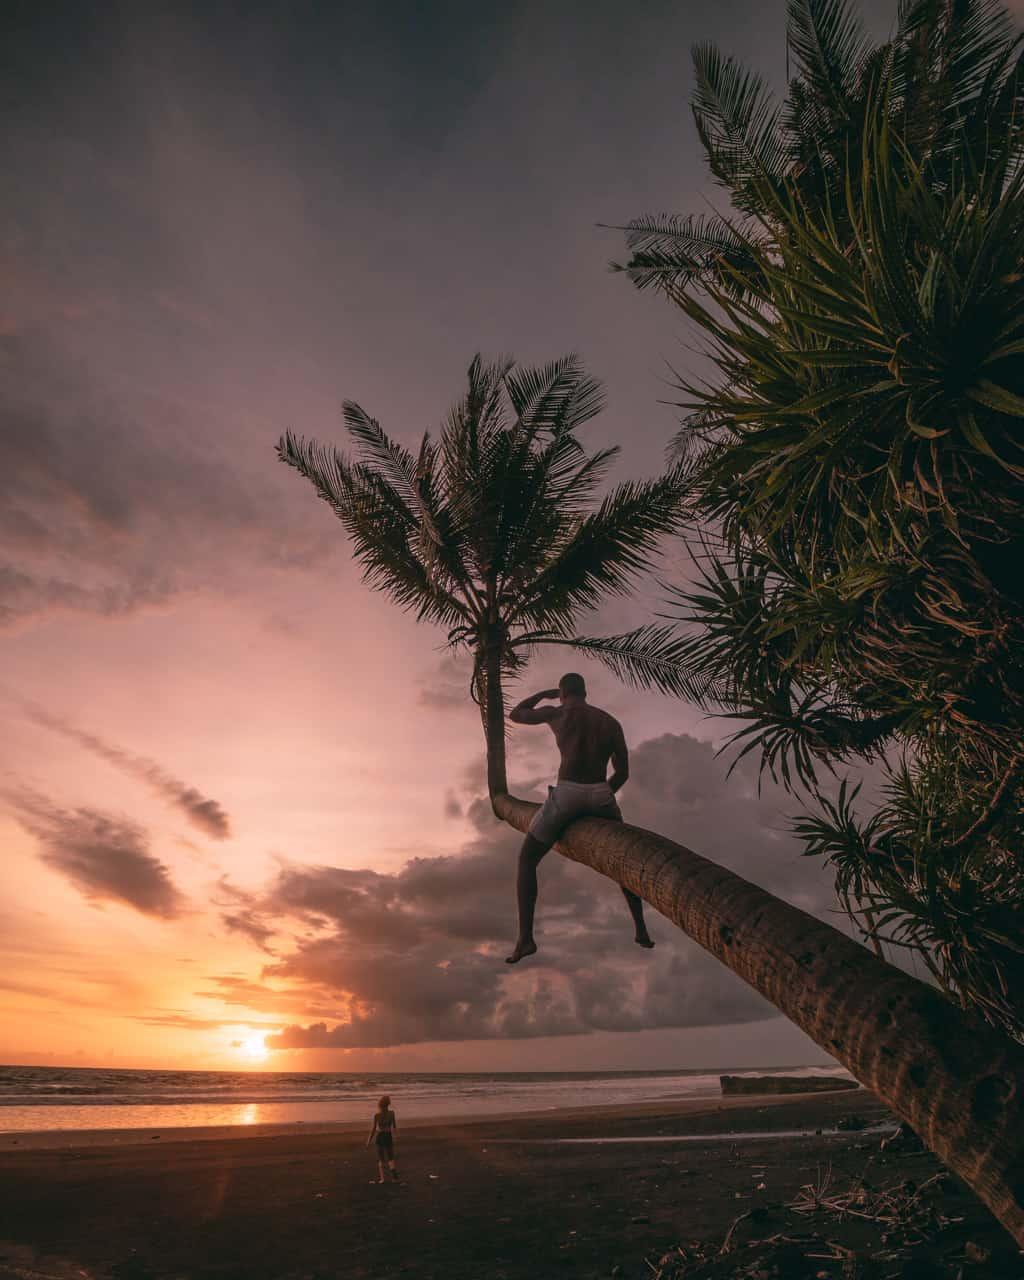 sunset-pasut-beach-palmtree